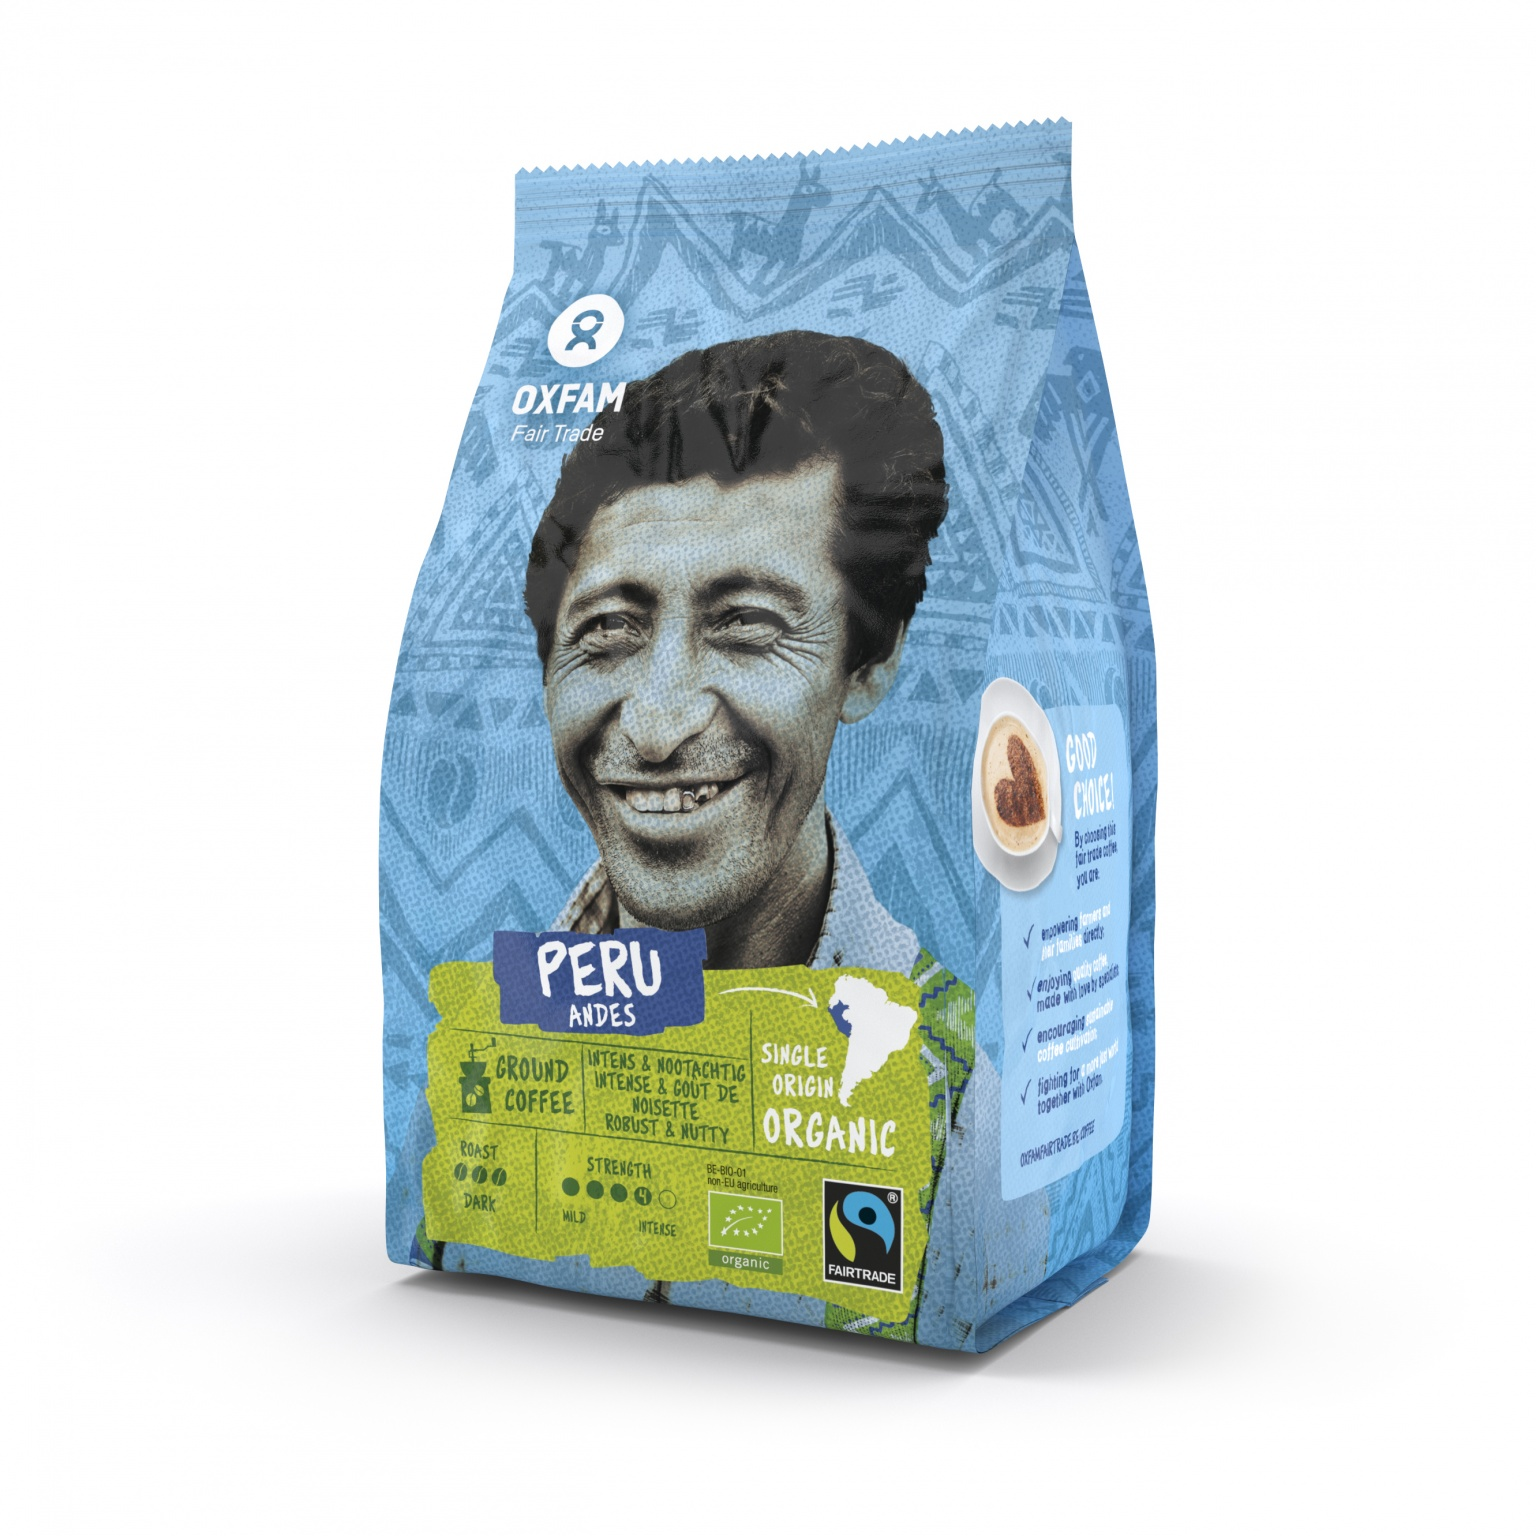 Oxfam Fair Trade 22019